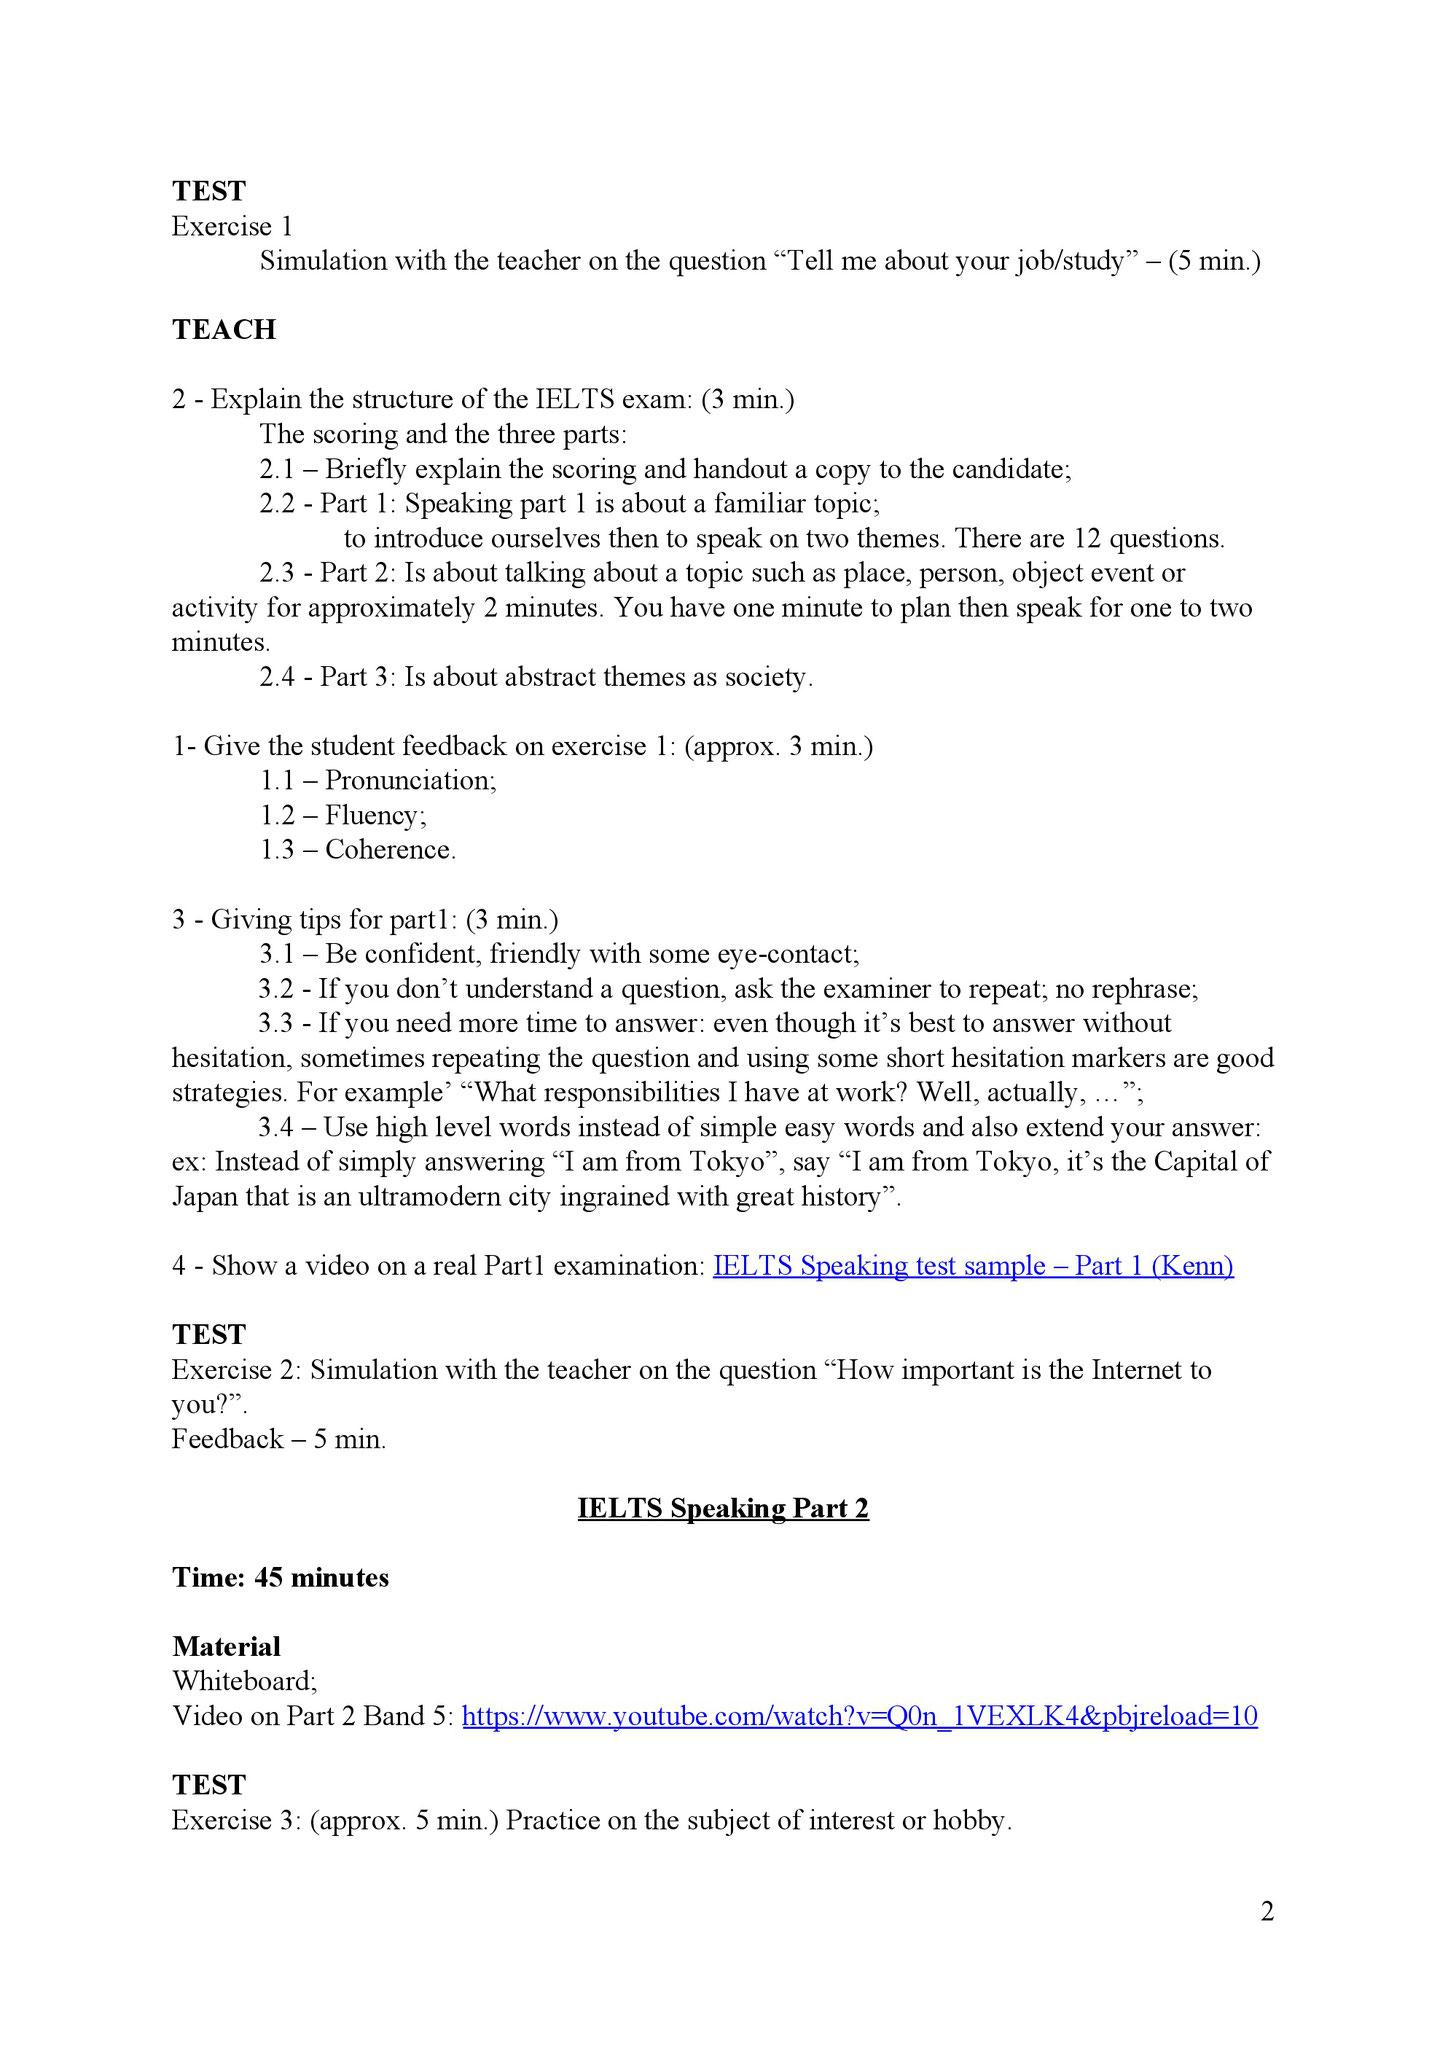 Lesson plan 2/3